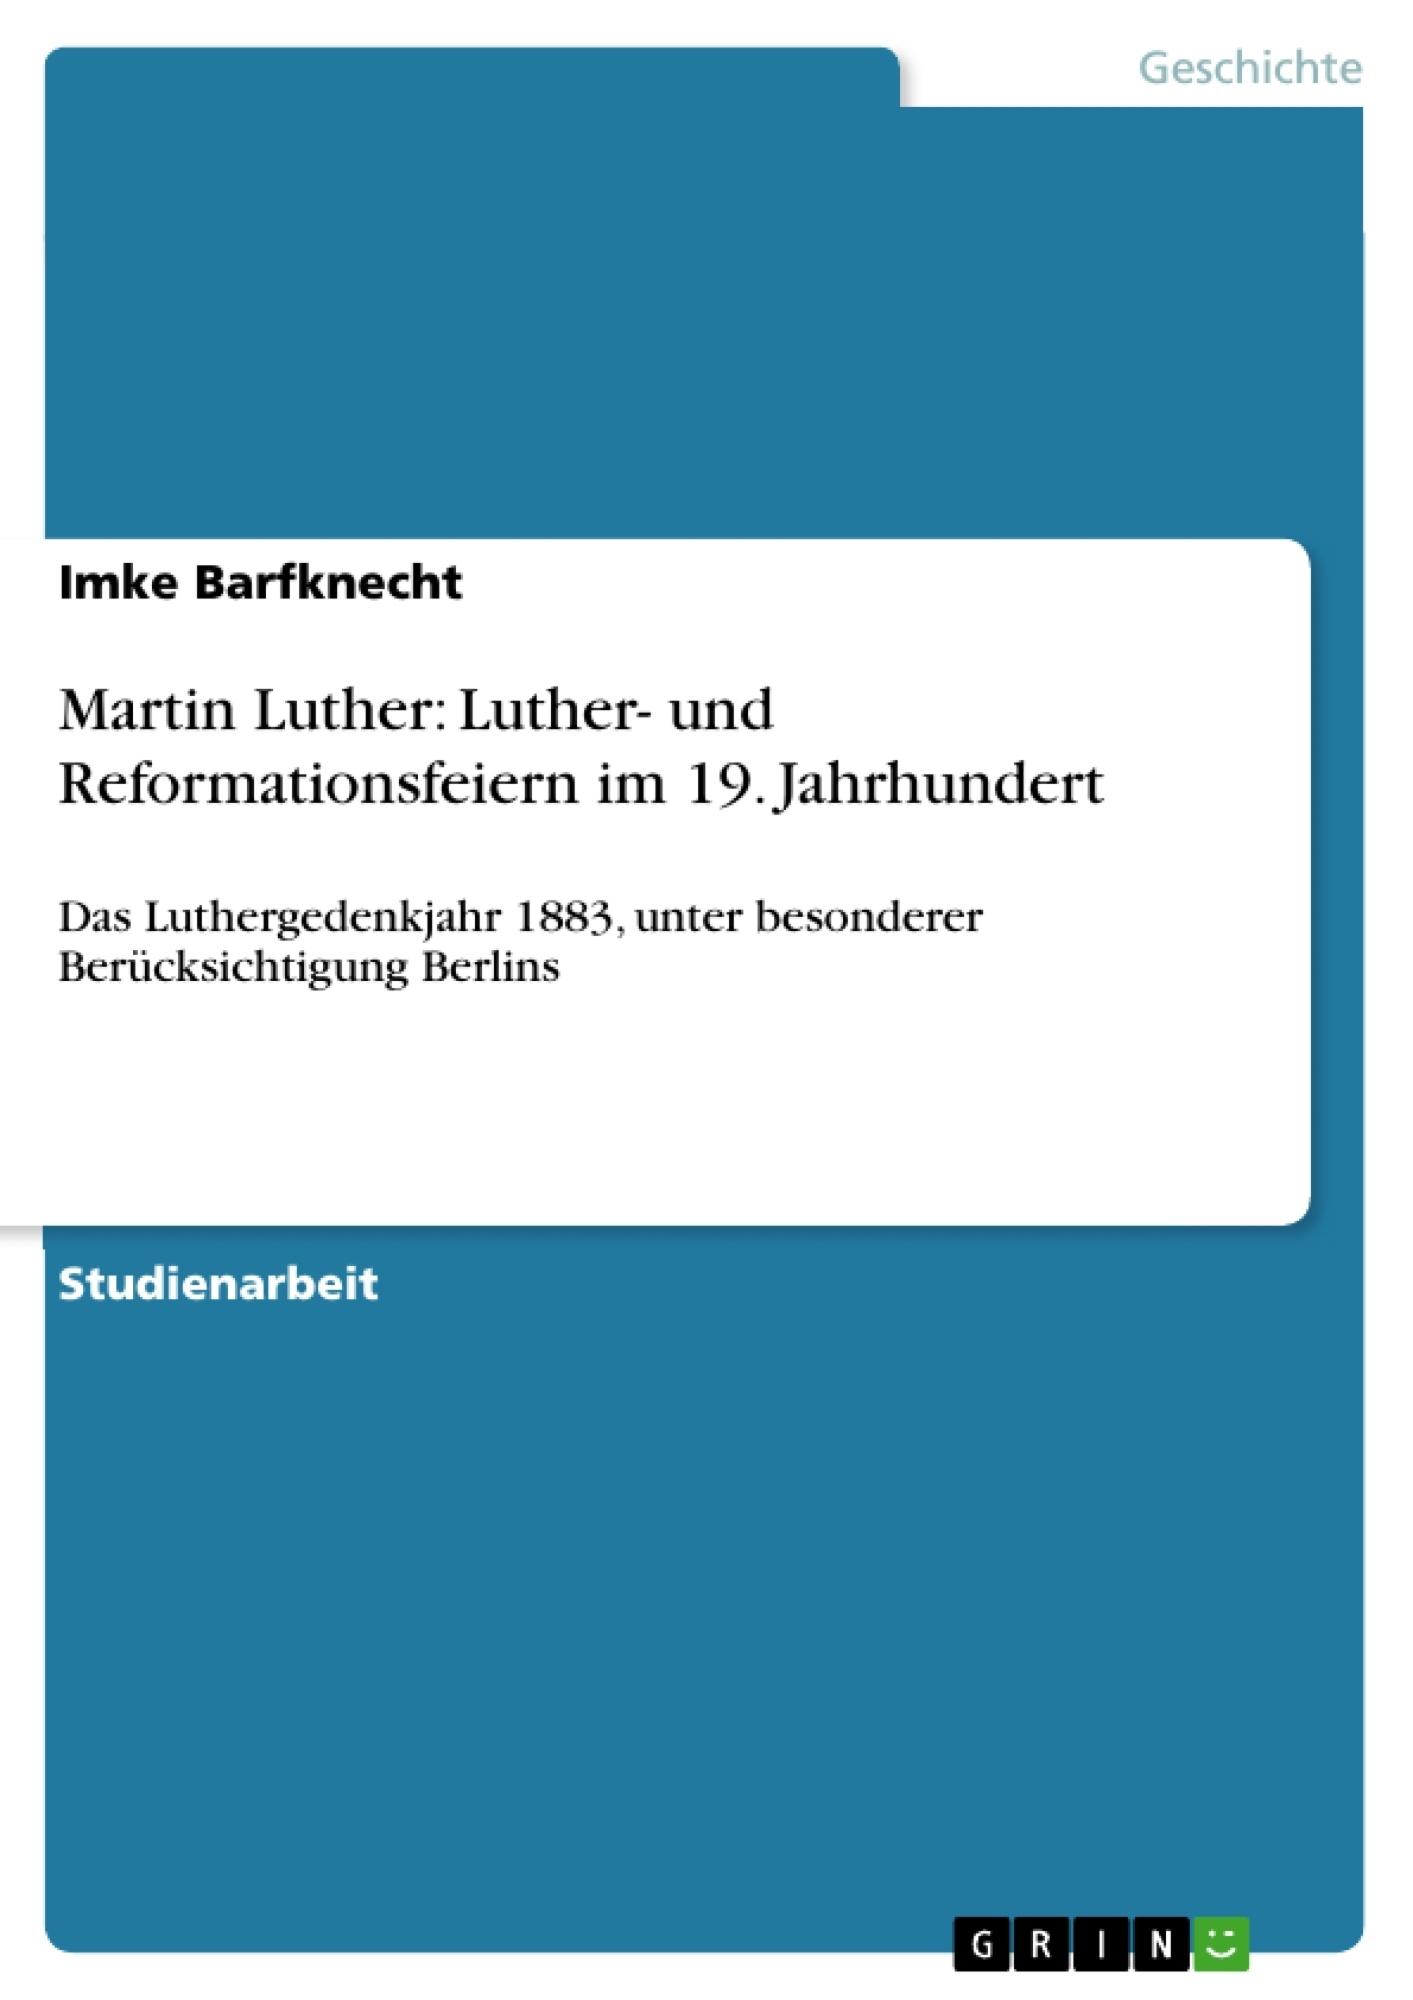 Titel: Martin Luther: Luther- und Reformationsfeiern im 19. Jahrhundert